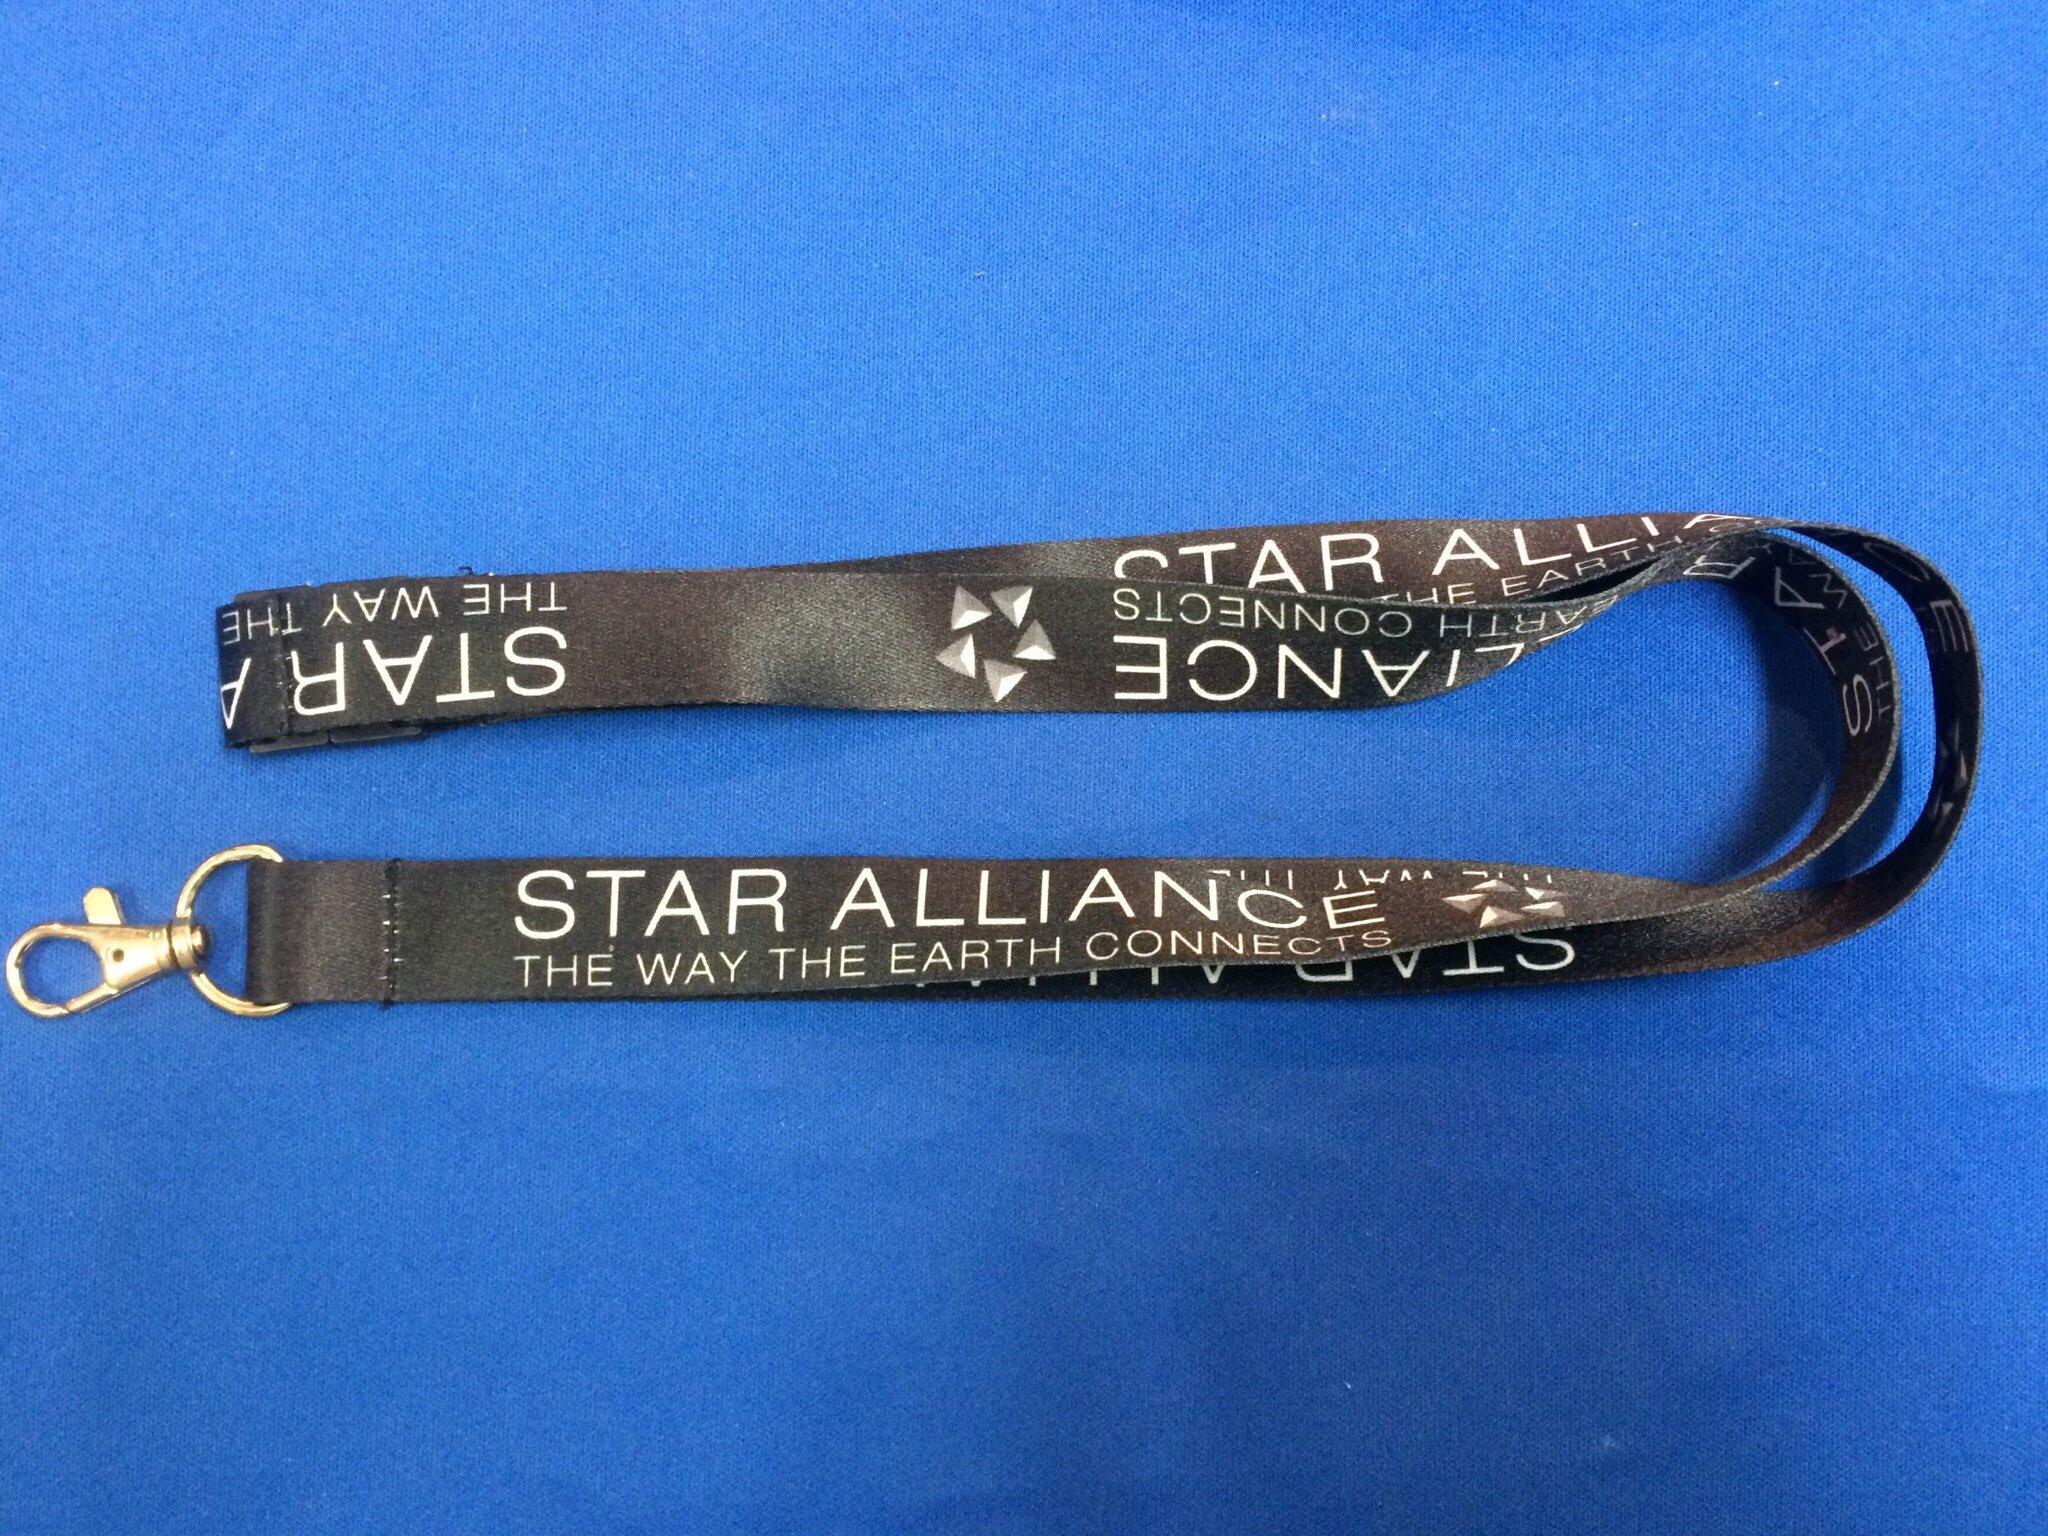 STAR ALLIANCE ネックストラップ